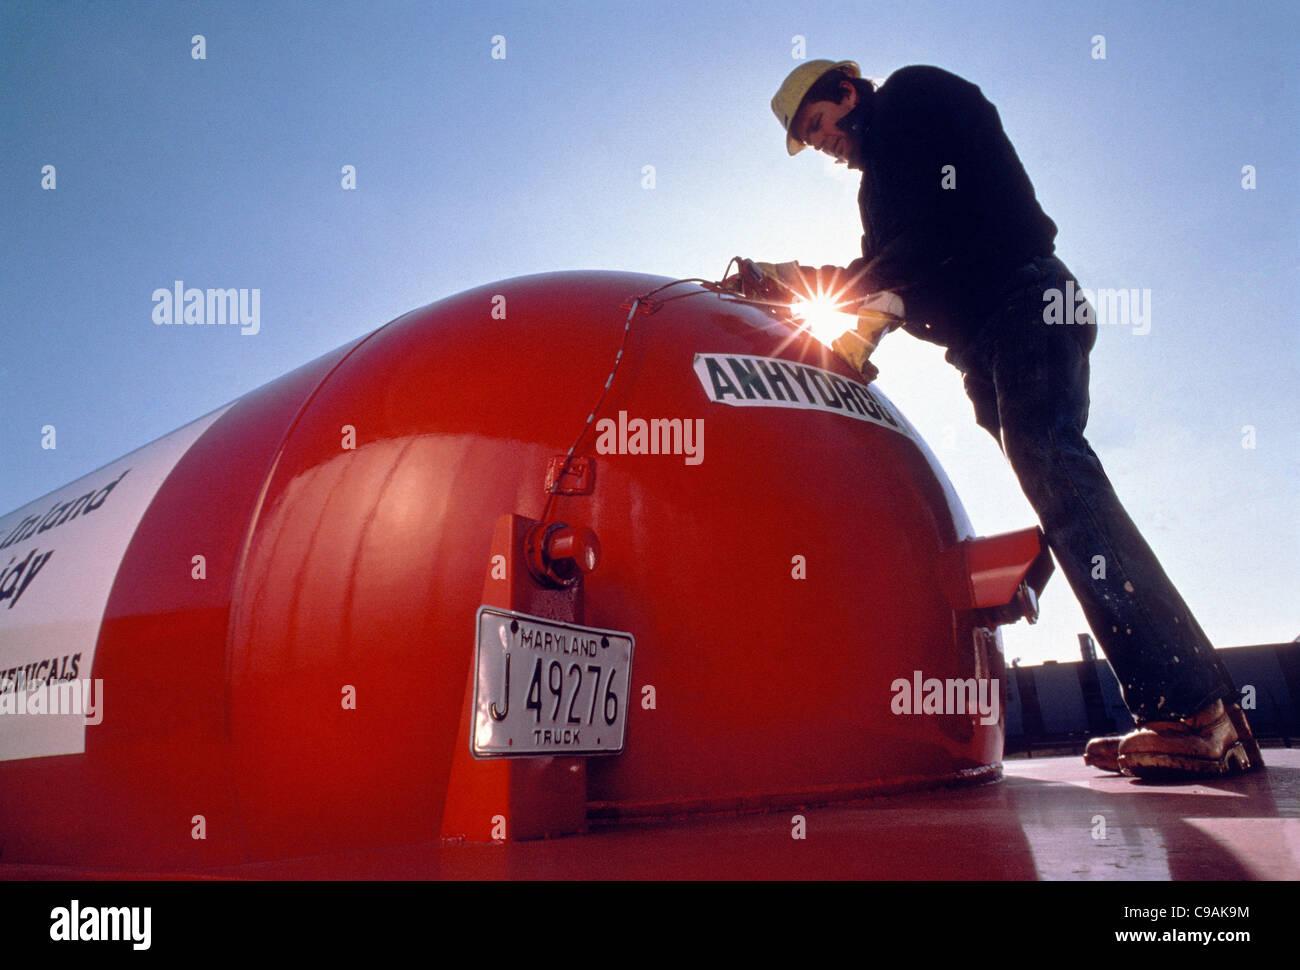 Lavoratore presso un distributore di solventi, prodotti chimici e lubrificanti Immagini Stock